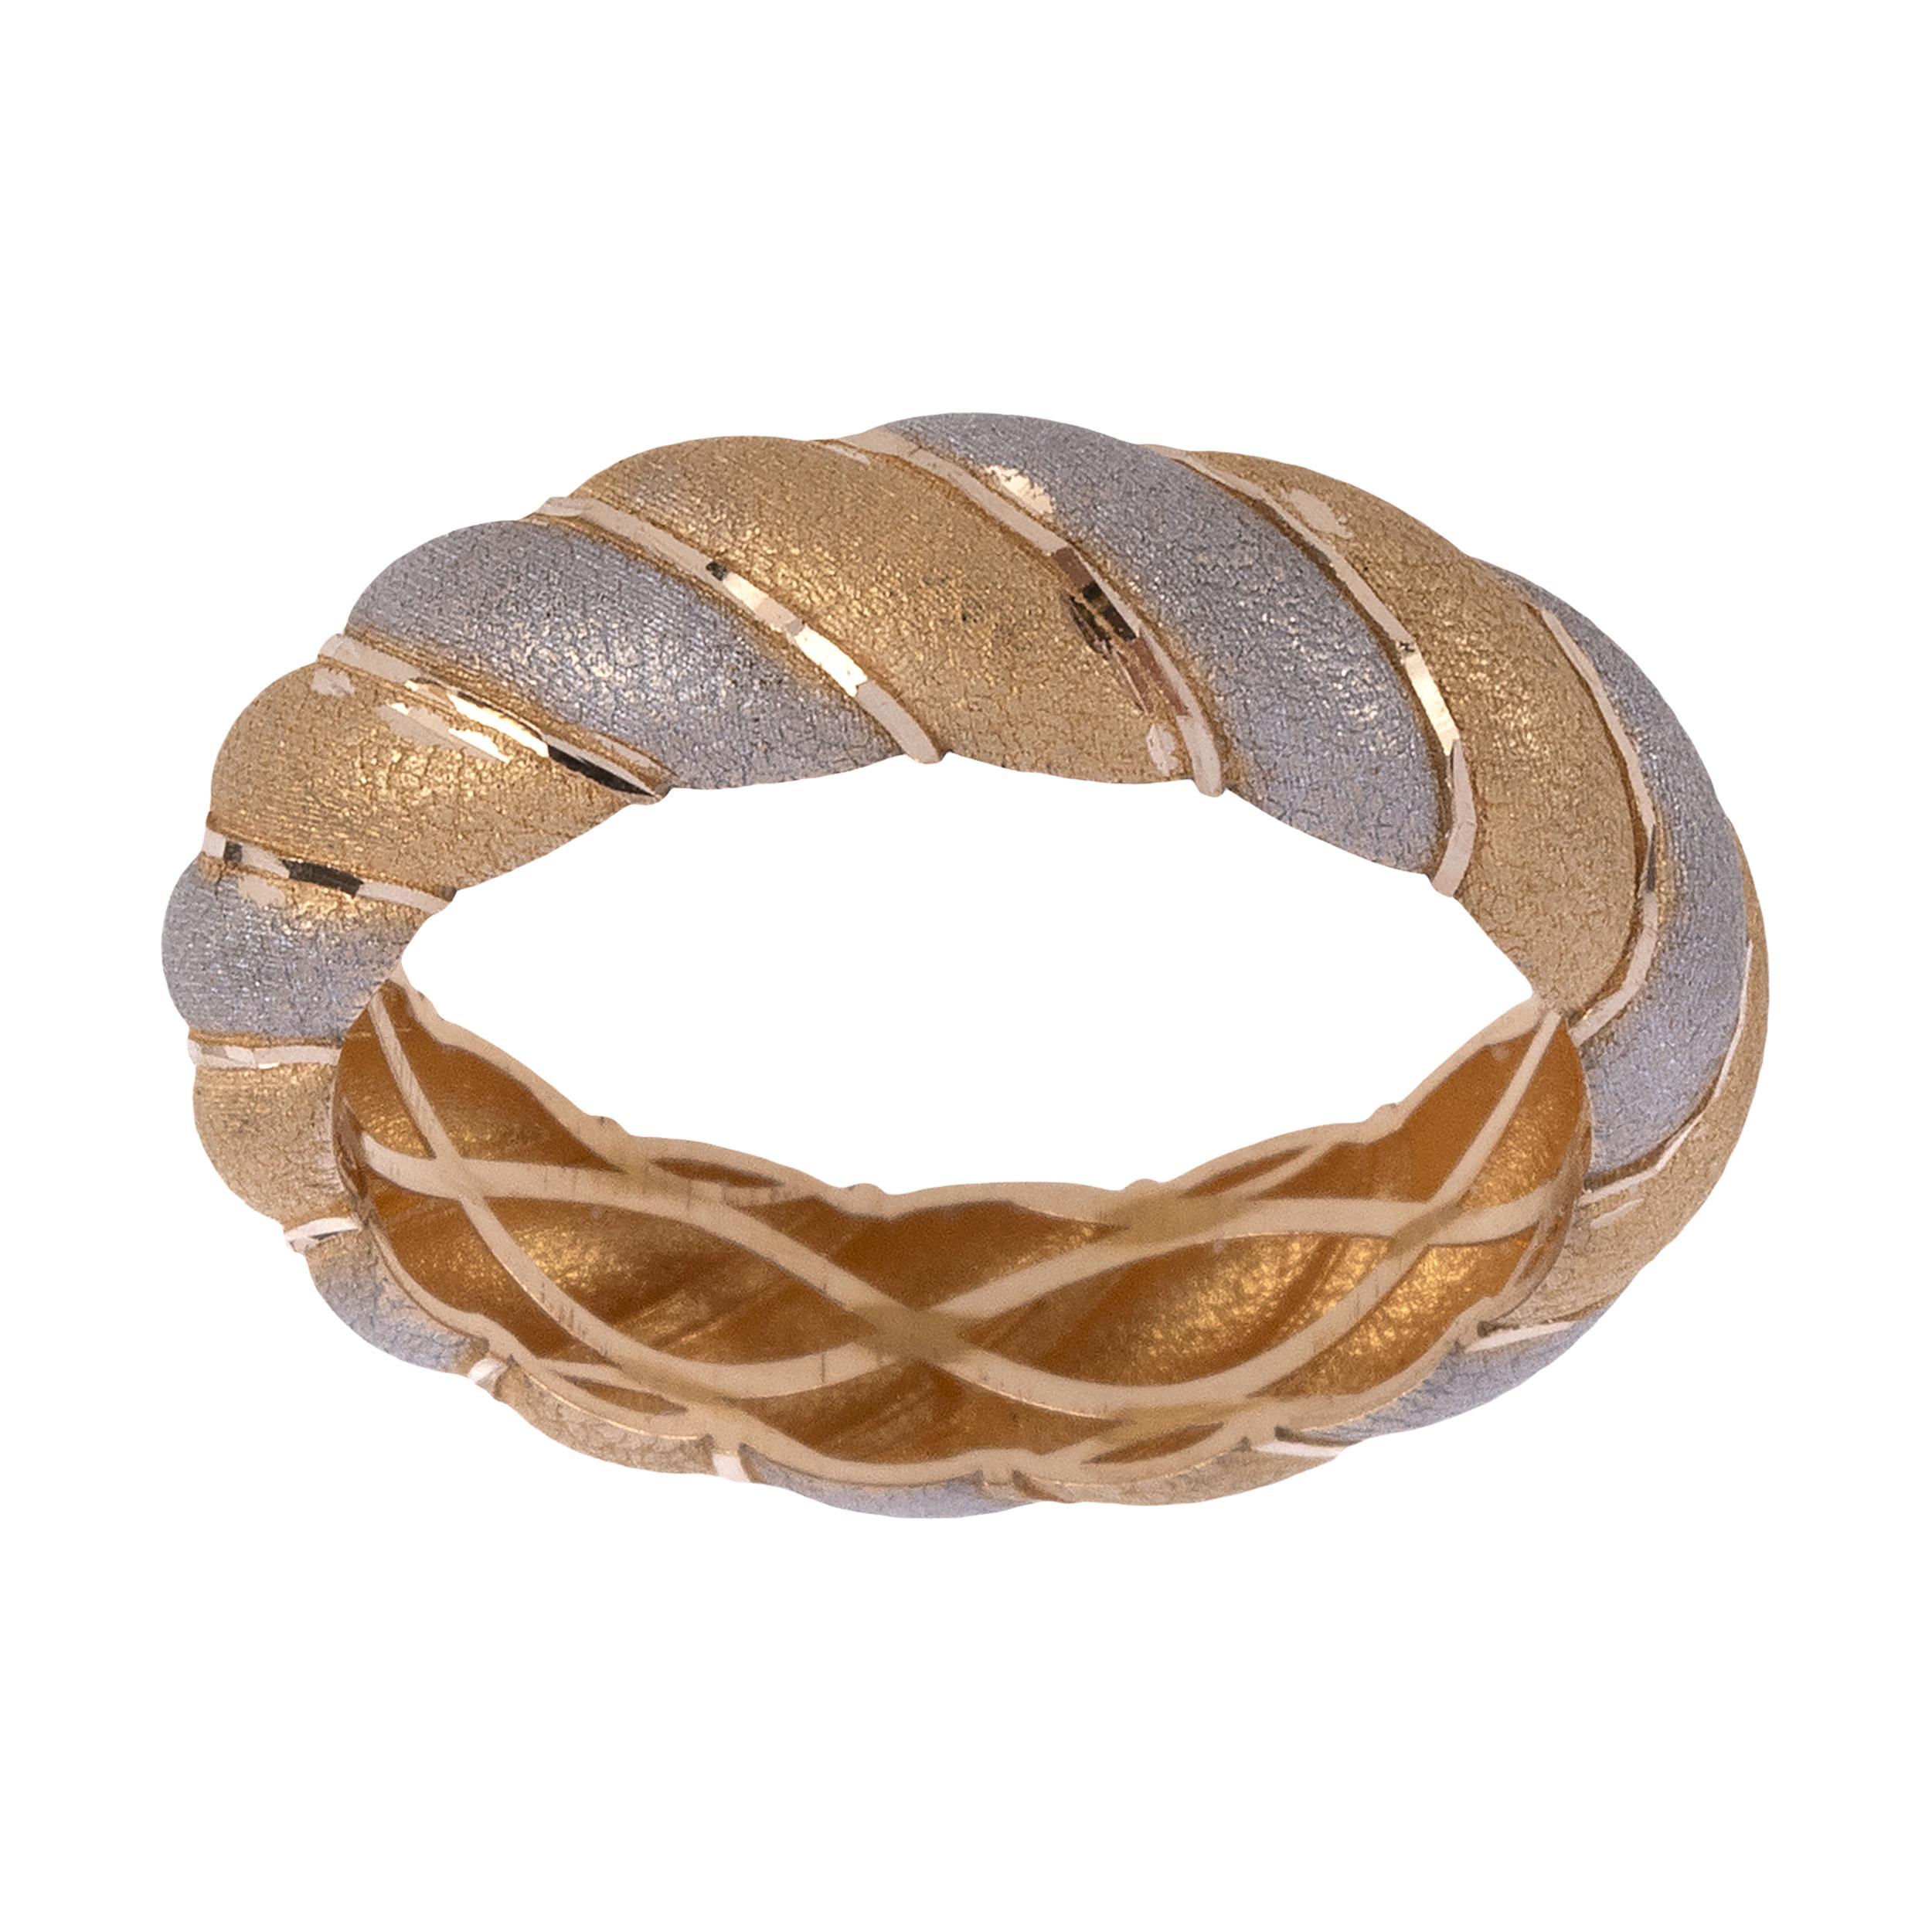 انگشتر طلا 18 عیار زنانه گالری یارطلا  مدل فیوژن  کد ANF20-16